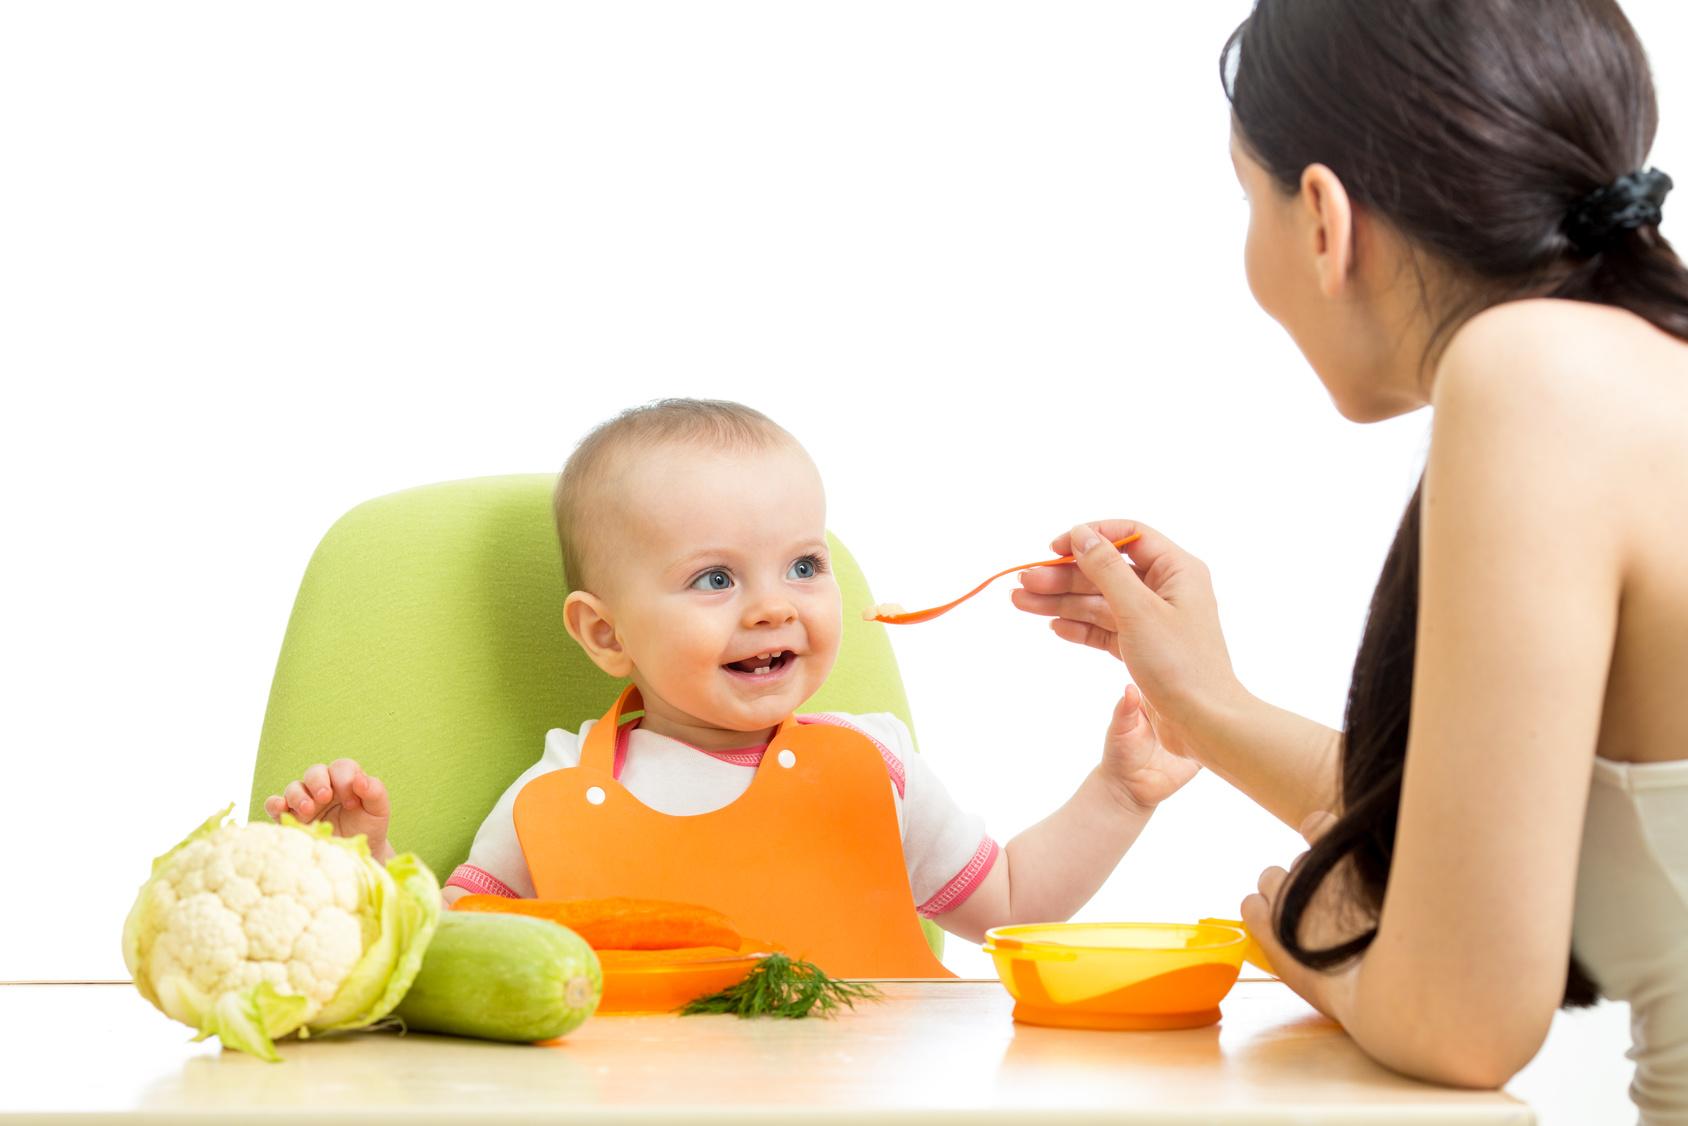 madre dando de comer